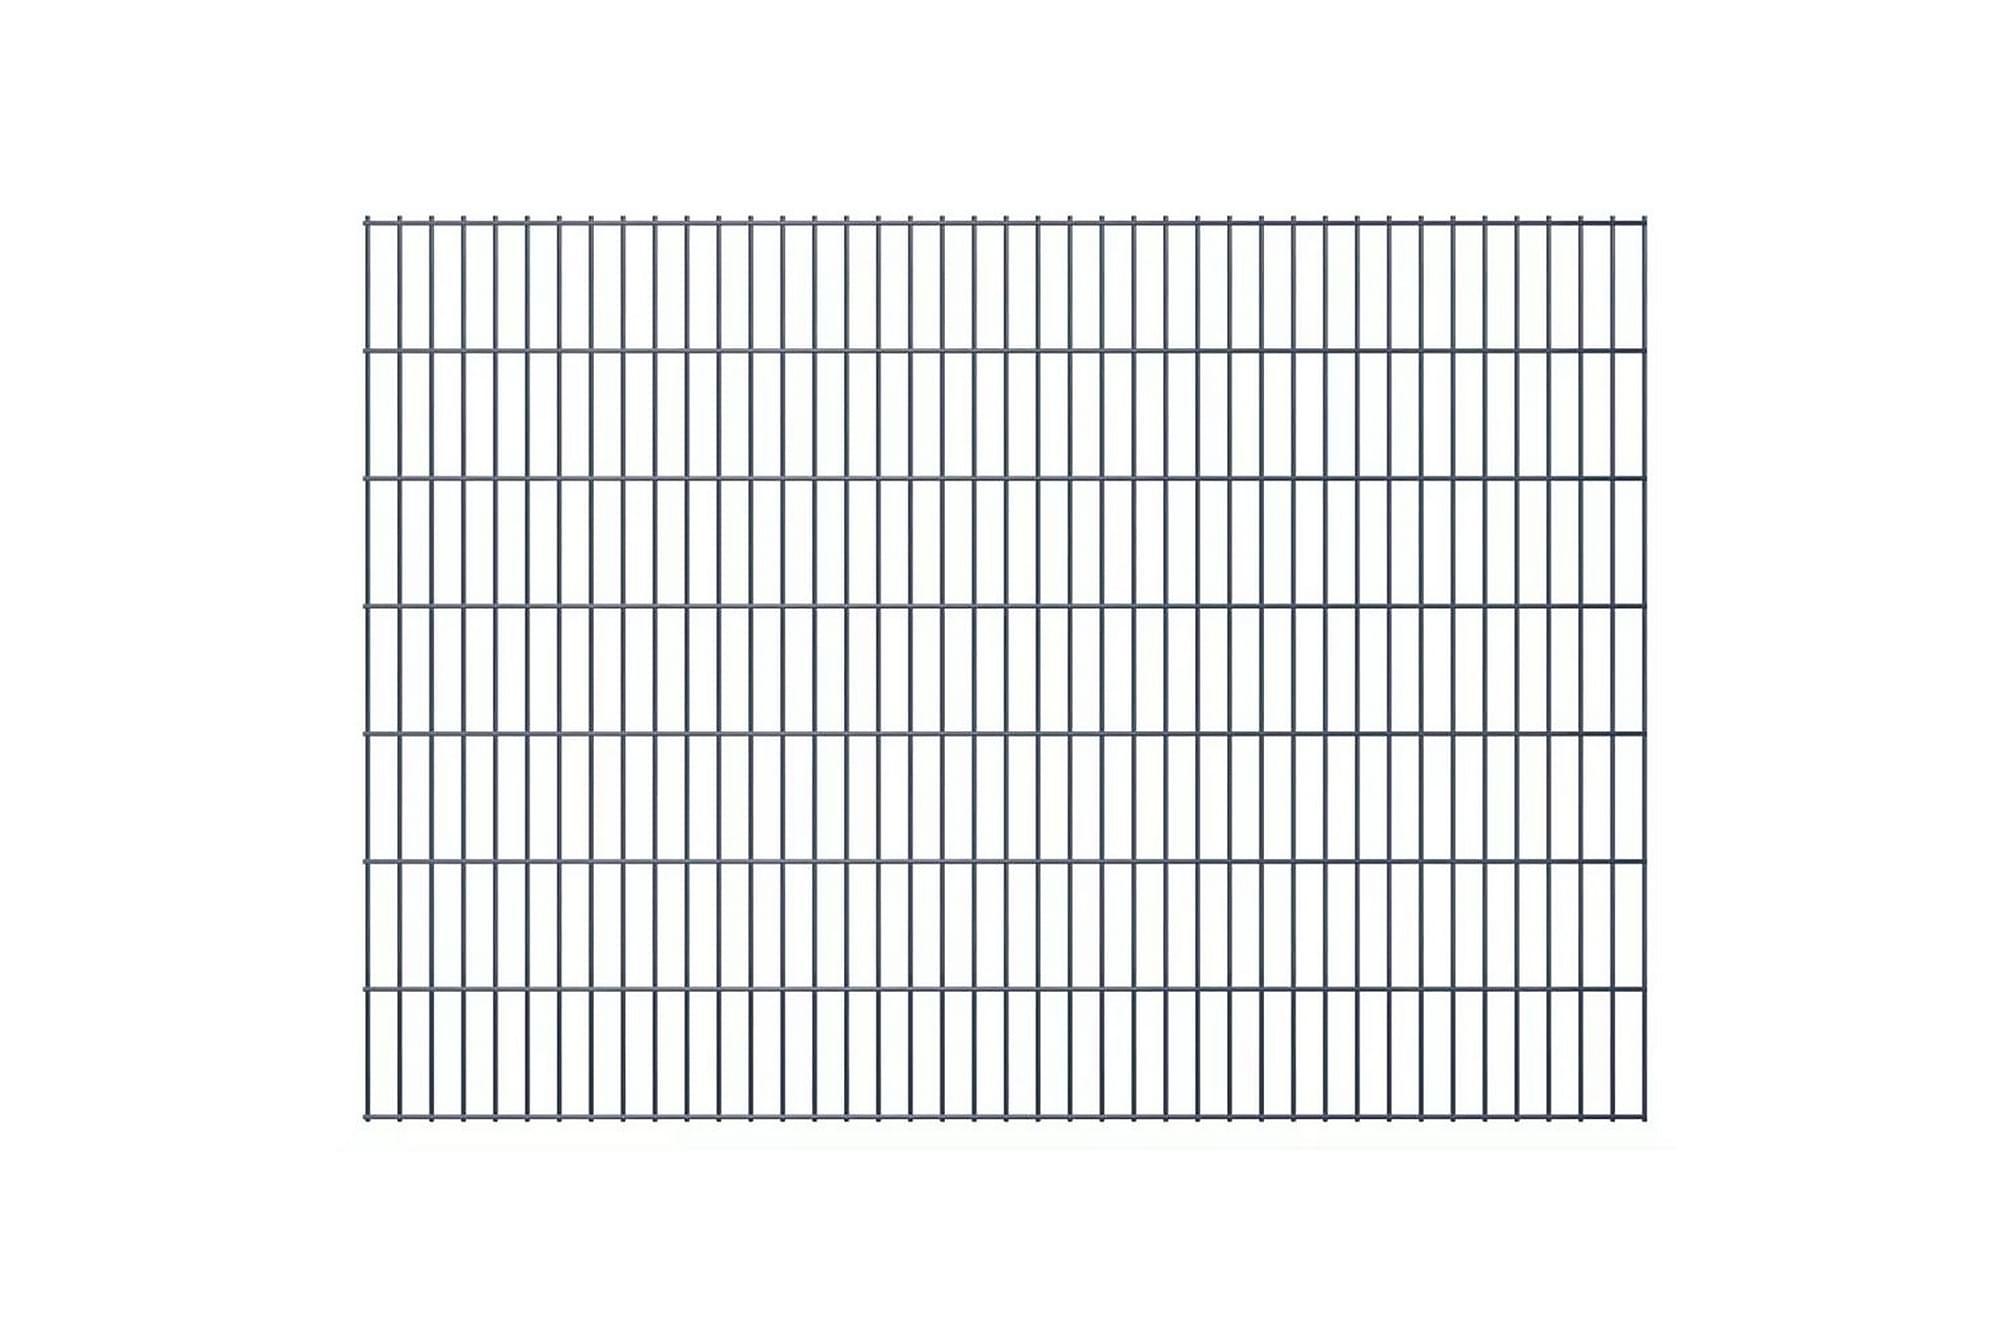 2D Stängselpaneler 2,008x1,43 m grå, Staket & grindar